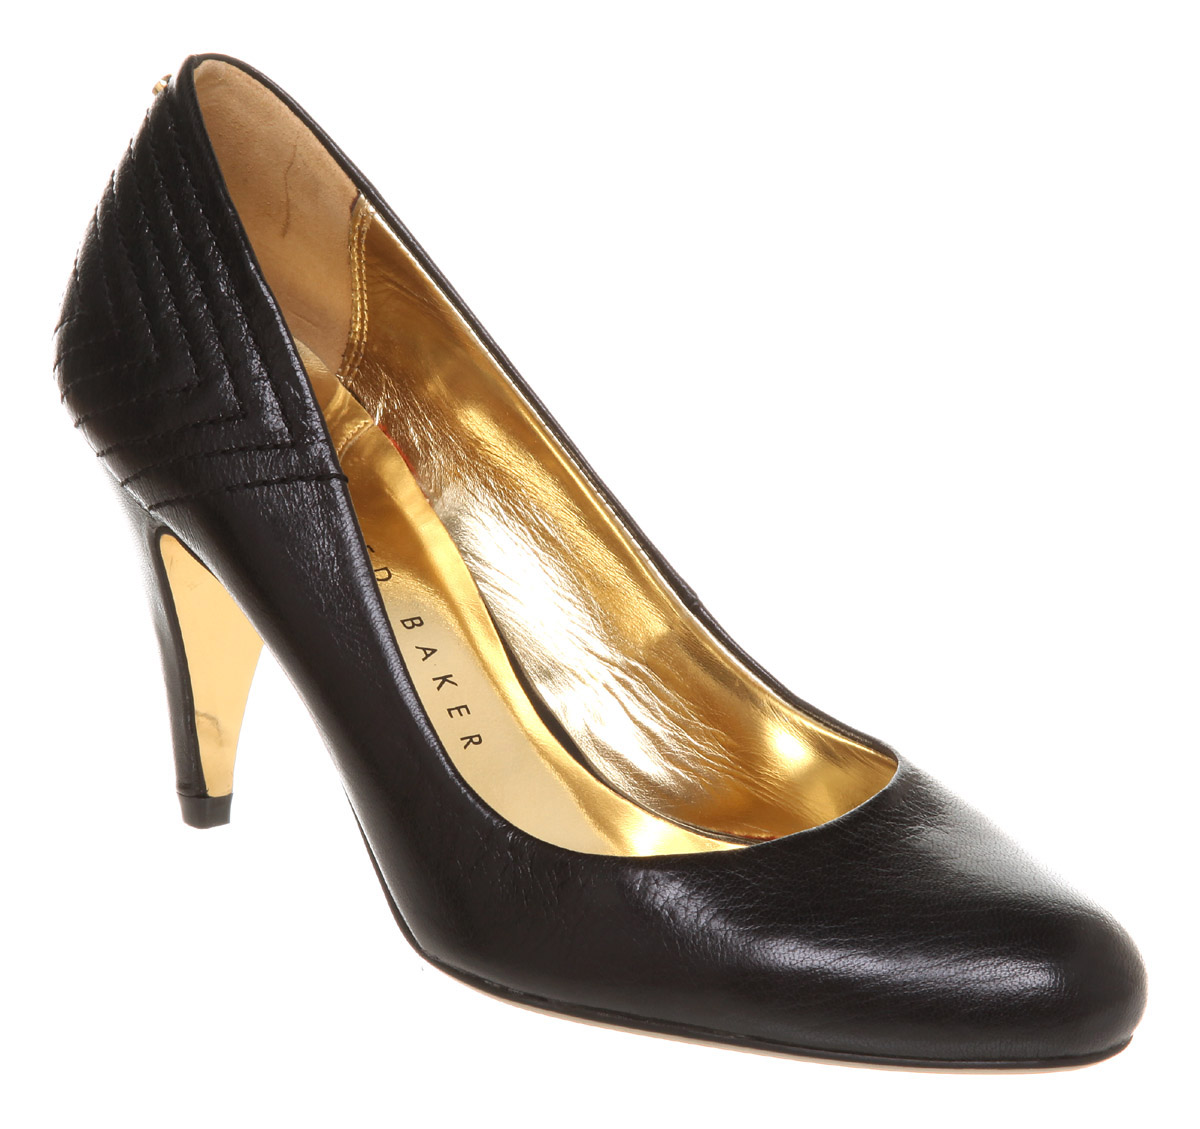 women 39 s designer sandals on sale ladies walking sandals. Black Bedroom Furniture Sets. Home Design Ideas